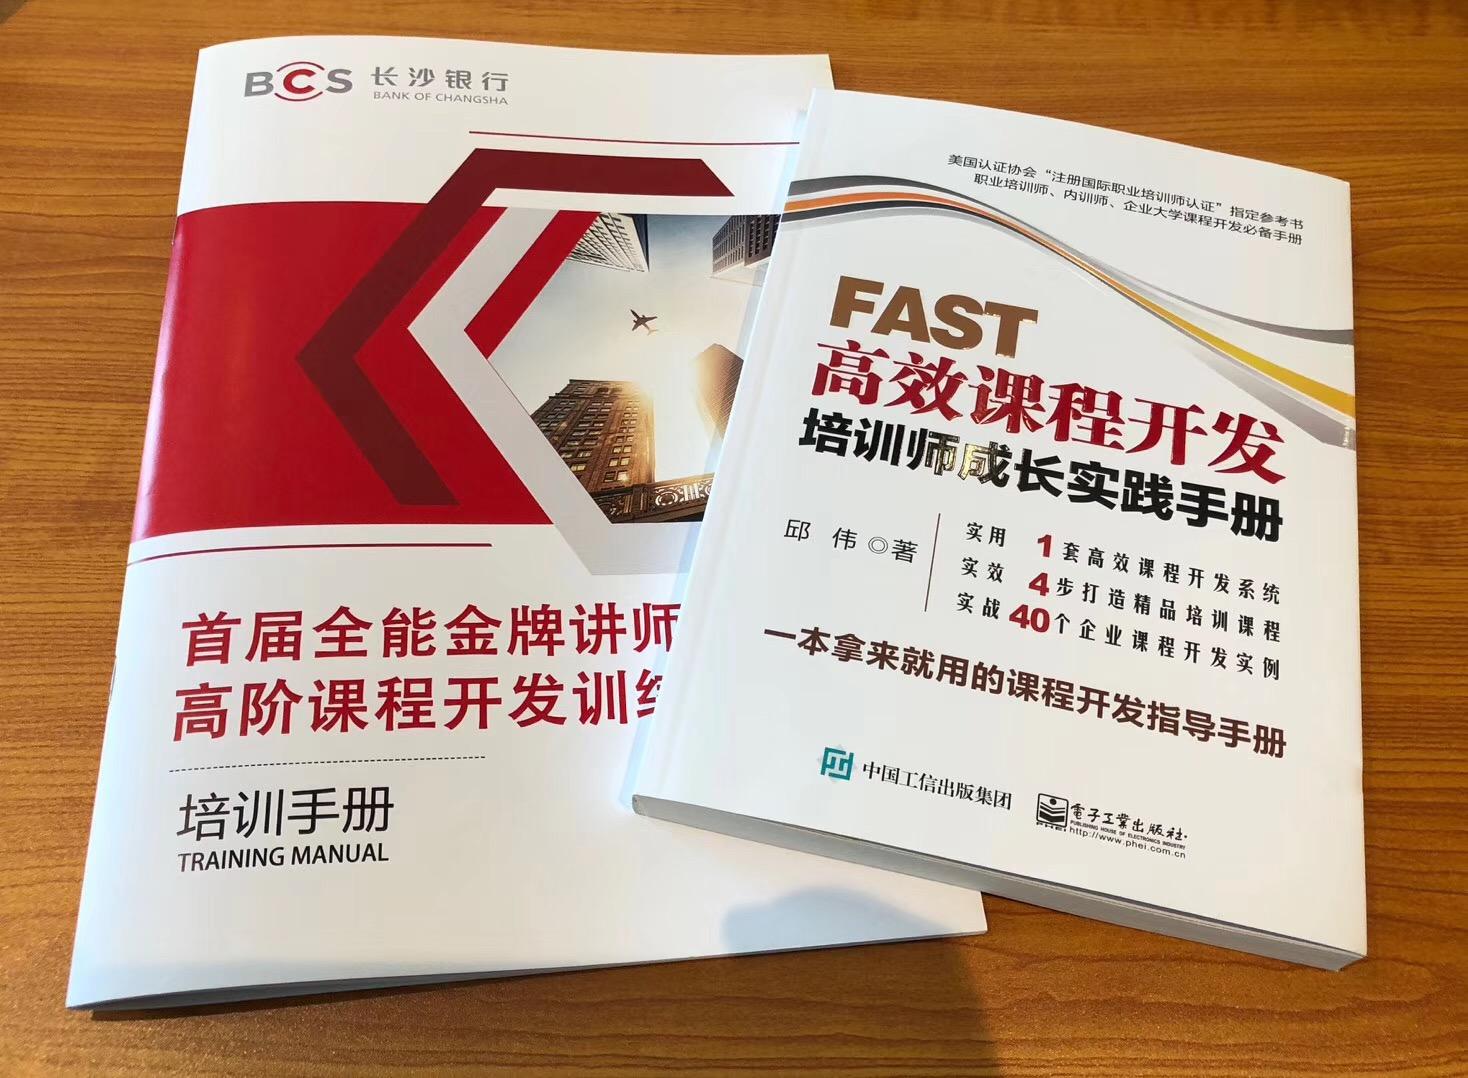 长沙银行《FAST高效课程开发》 培训师邱伟